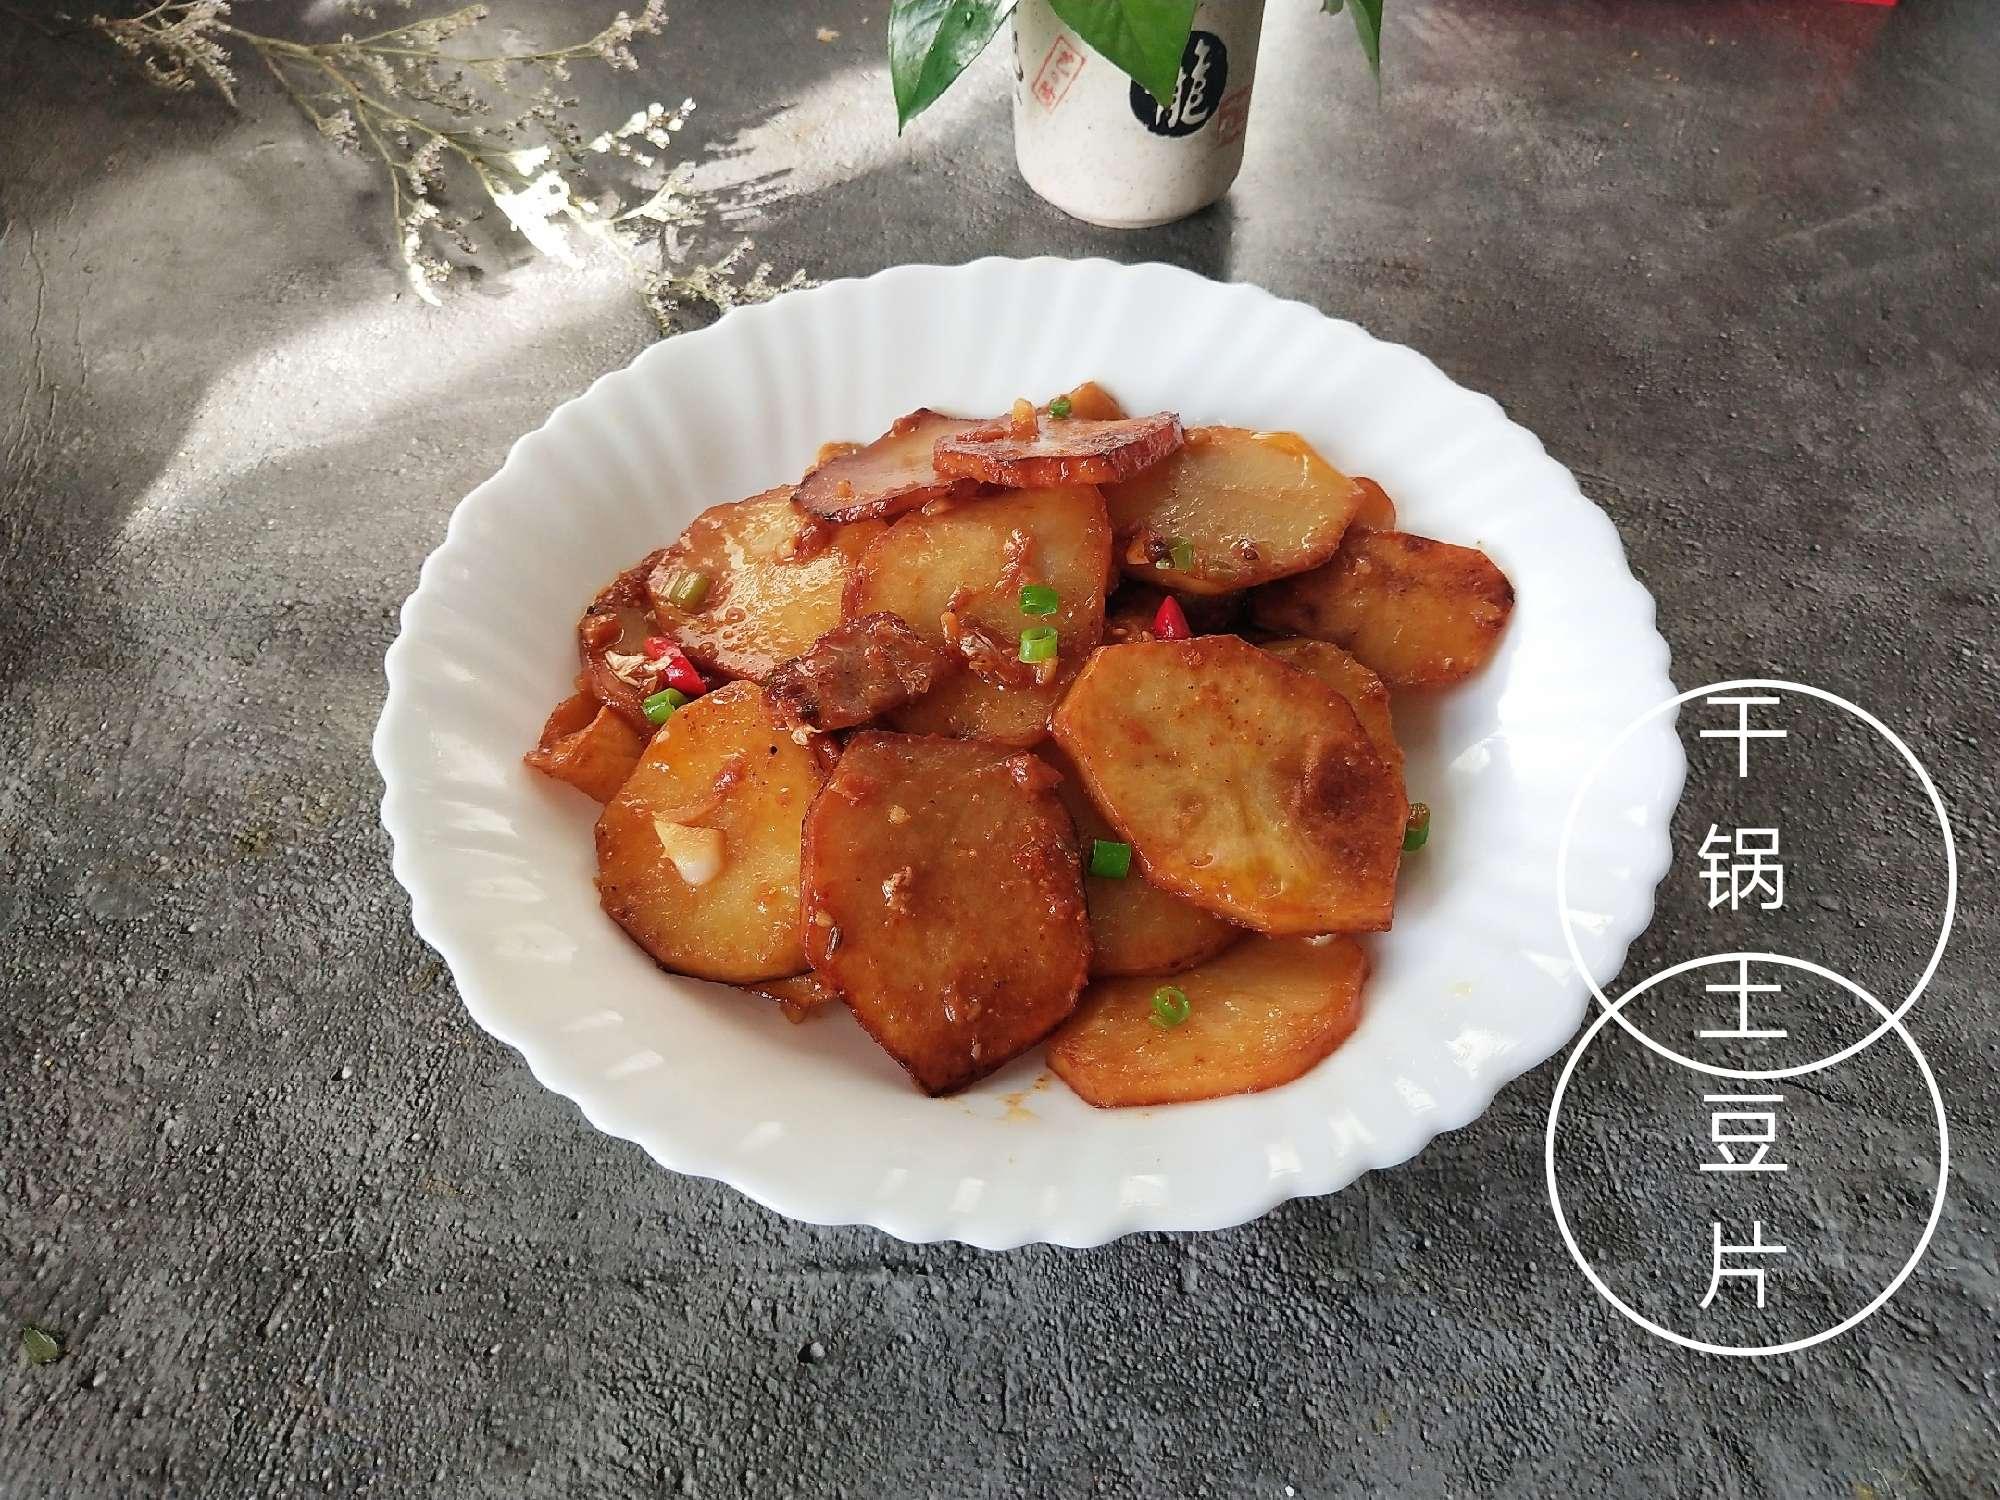 干锅土豆片怎么吃